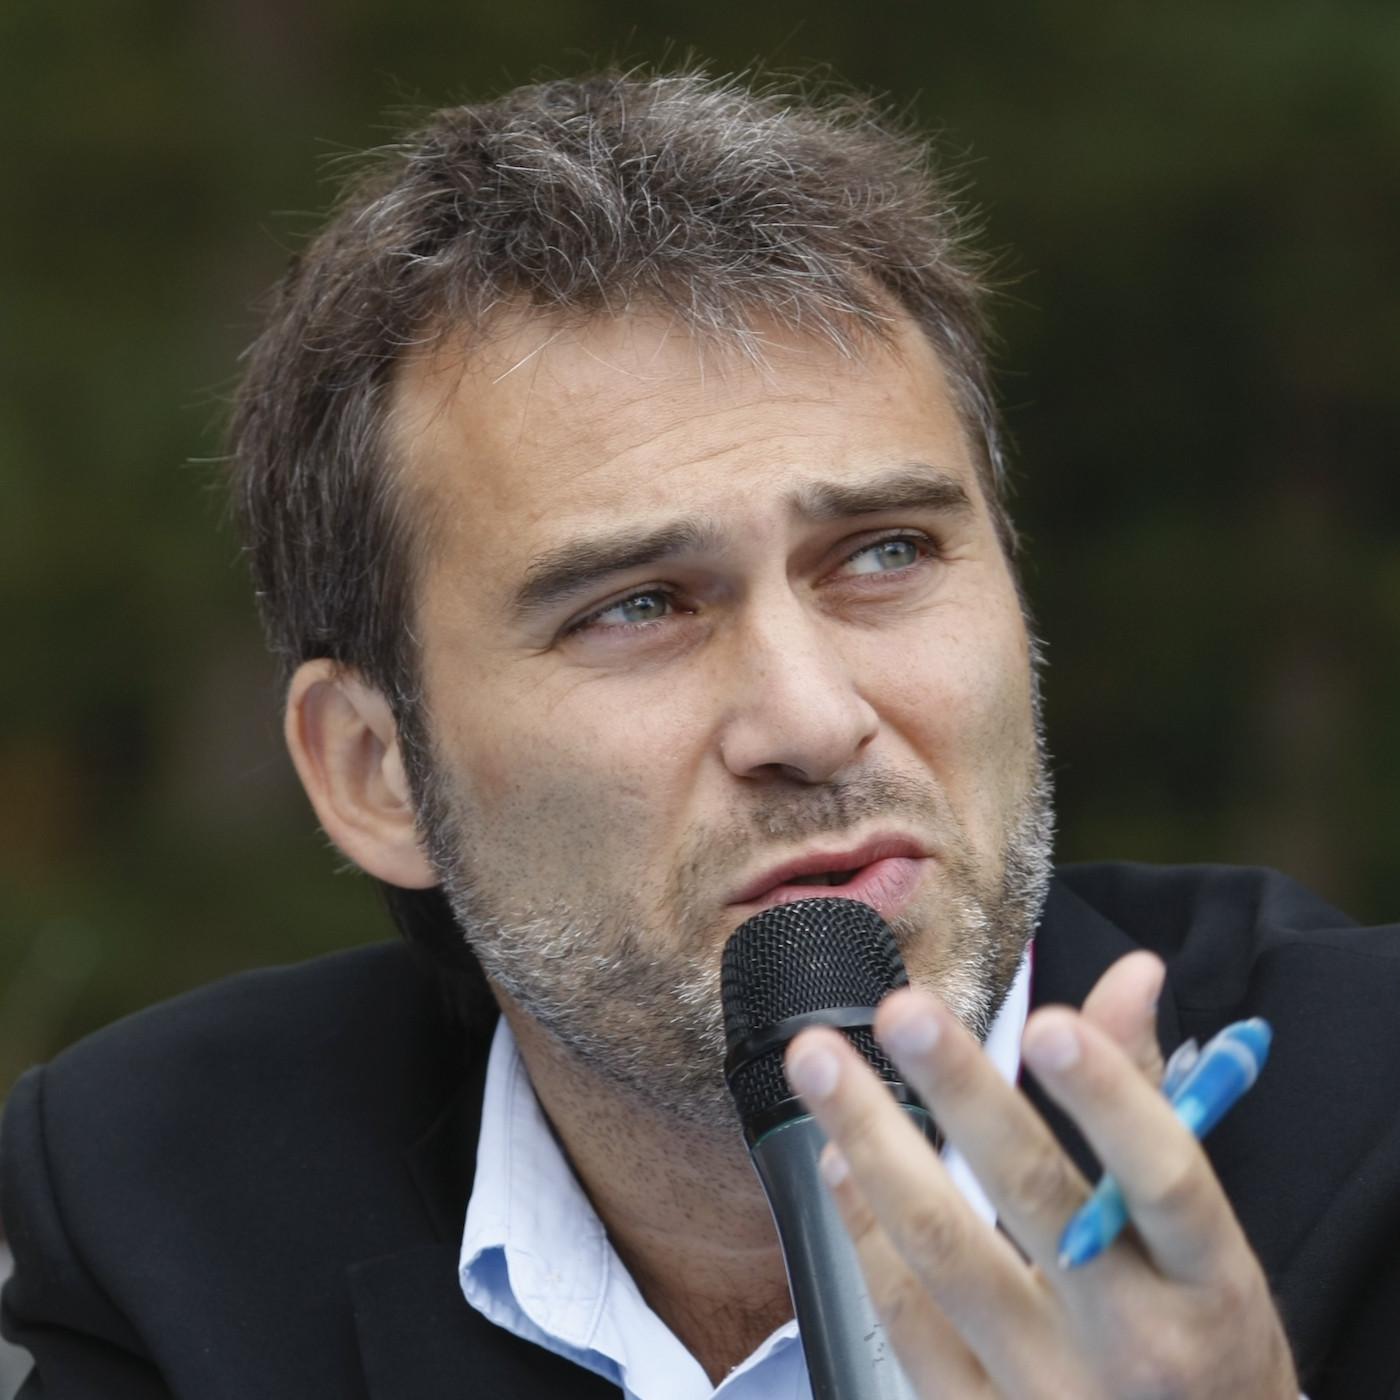 #5 HORS SÉRIE - Vincent Cespedes: Regard du philosophe féministe sur l'ambition